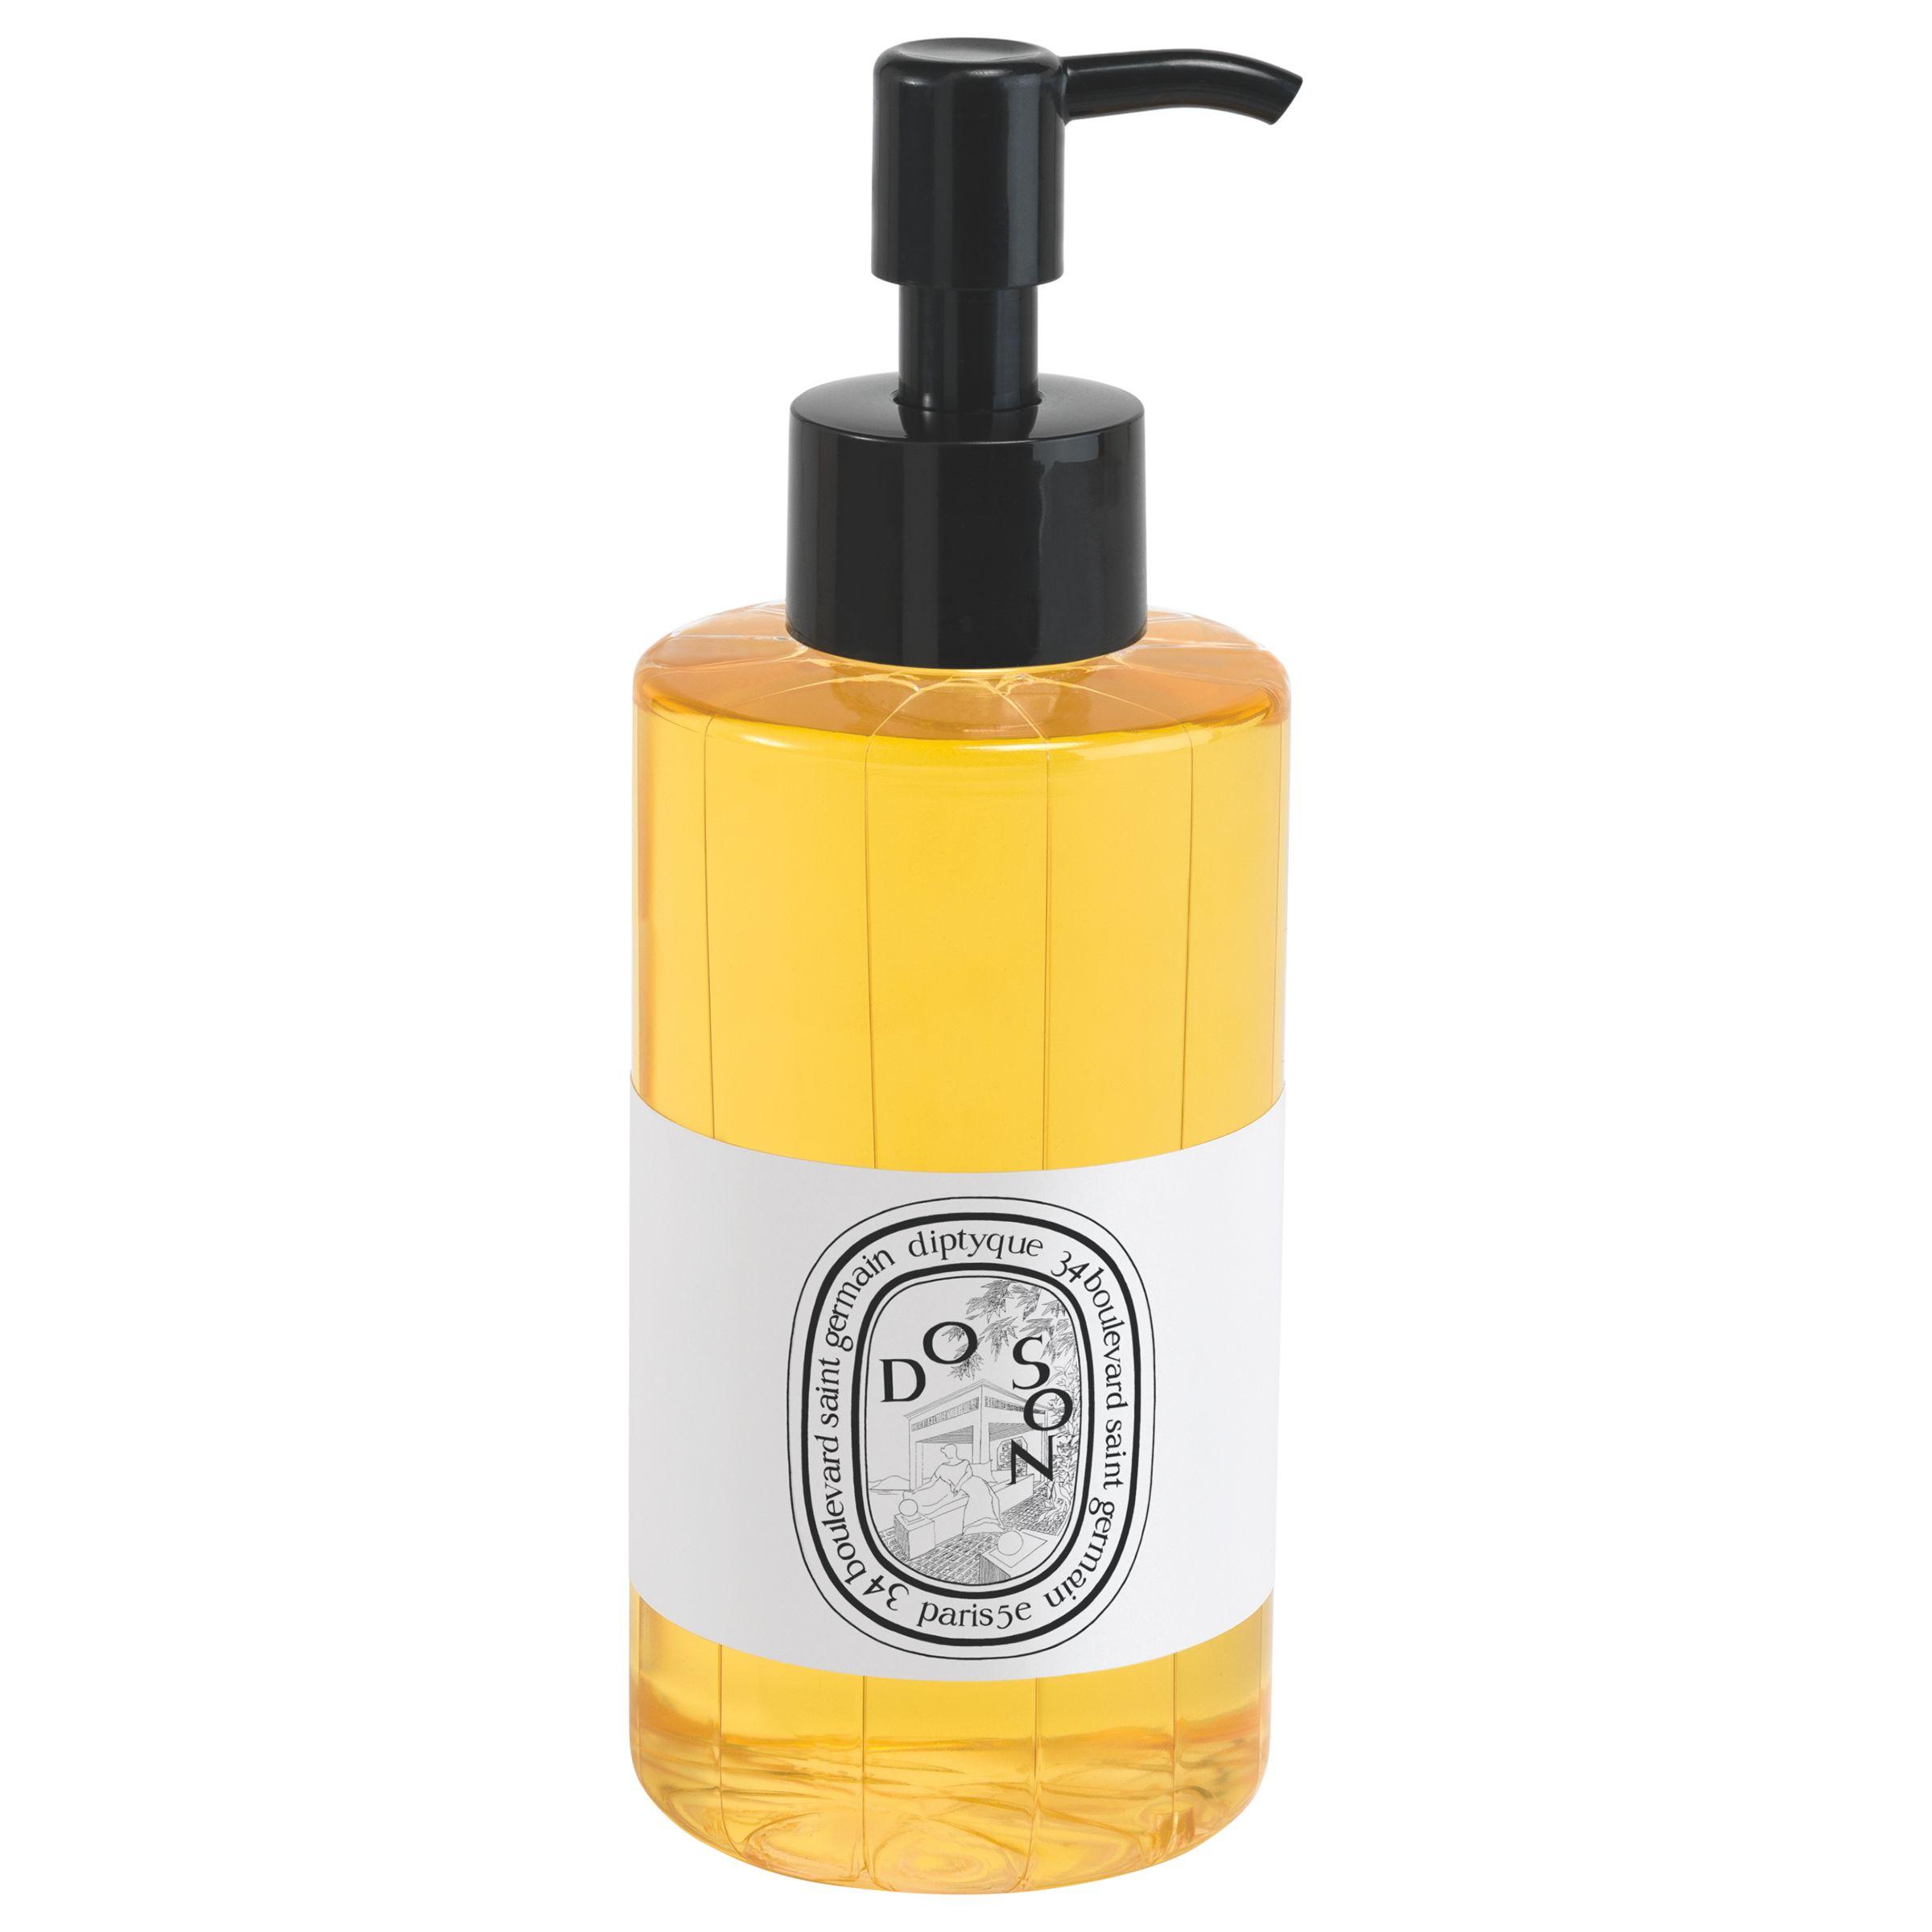 Diptyque Diptyque Do Son Shower Oil, 200ml